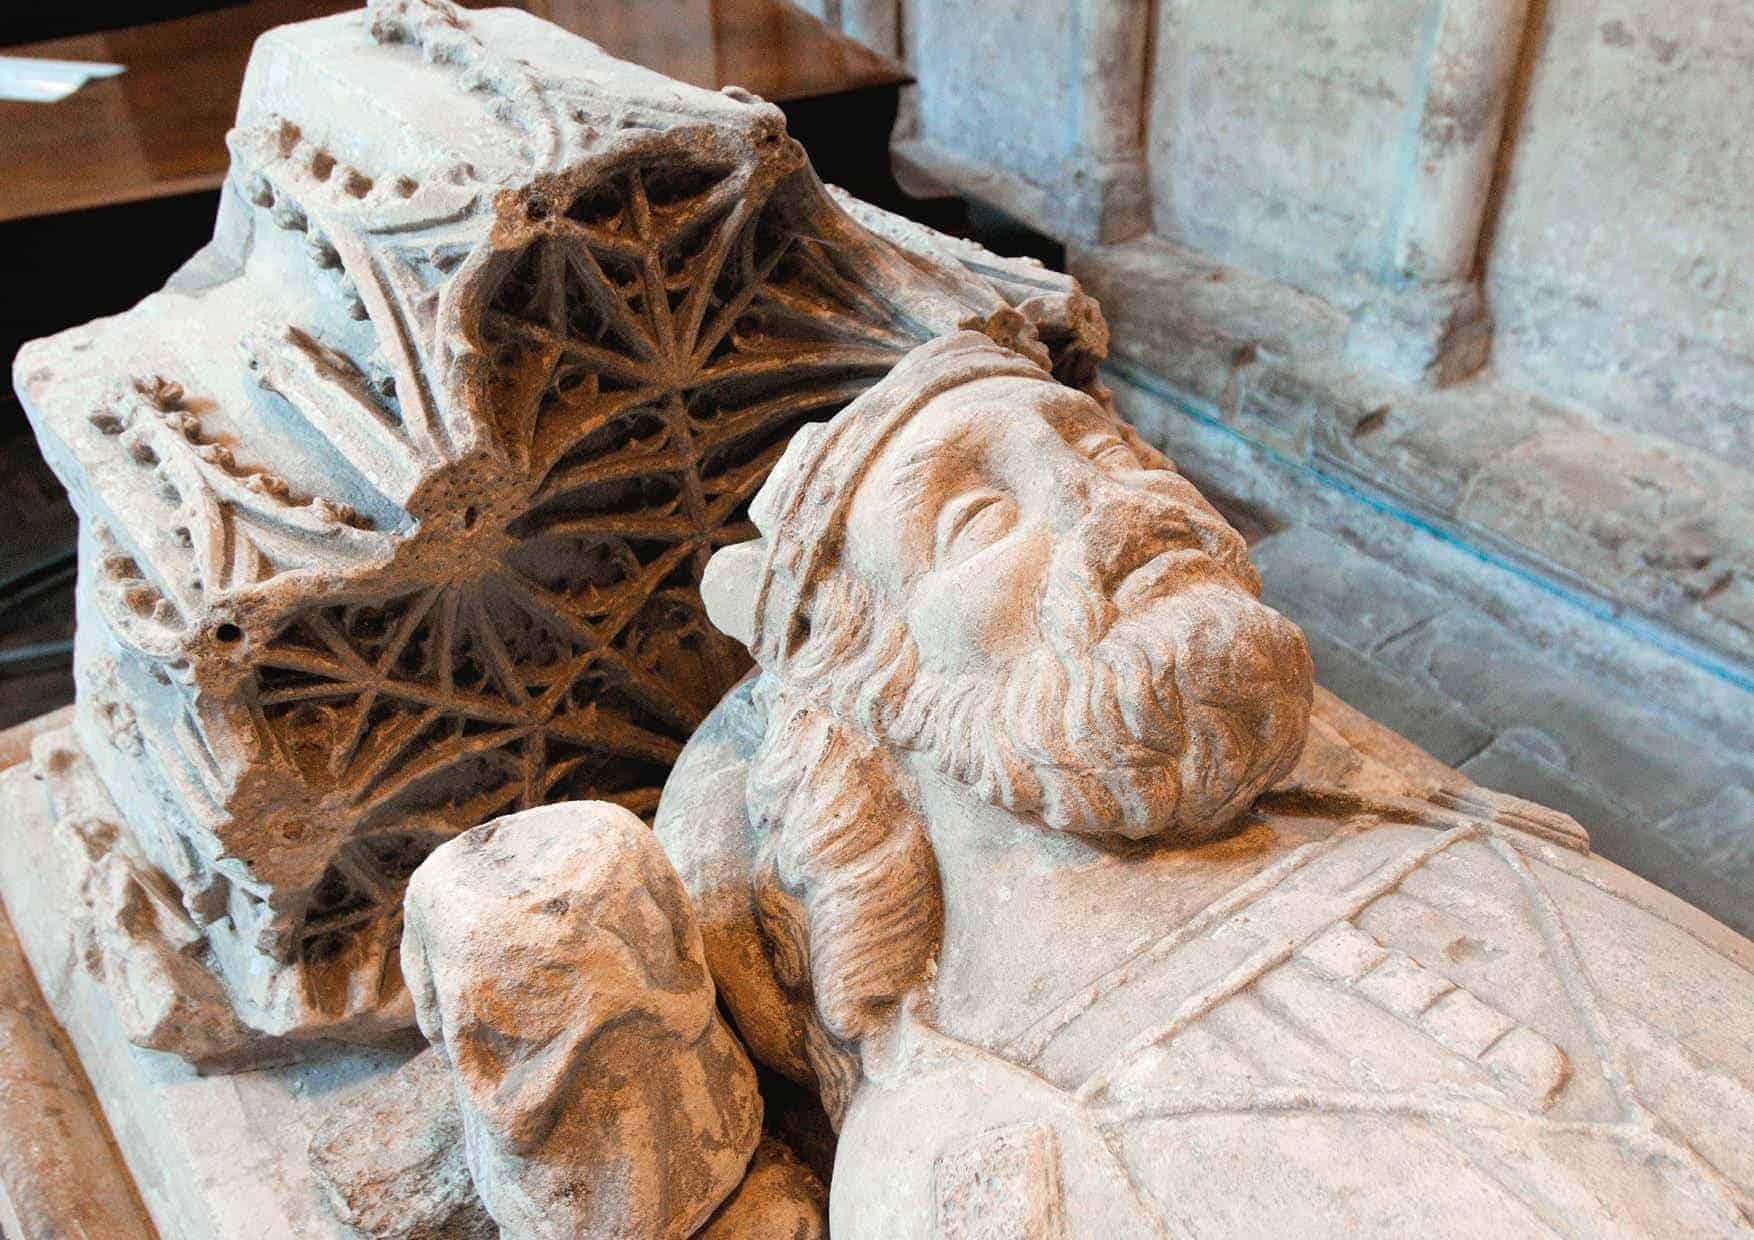 Denne skulpturen av Æthelstan, i Malmesbury Abbey, ligger oppå en tom grav. Selv om den engelske kongen ble gravlagt i klosteret i 941, gikk beinrestene hans tapt under reformasjonen. Skulpturen er fra 1400-tallet.